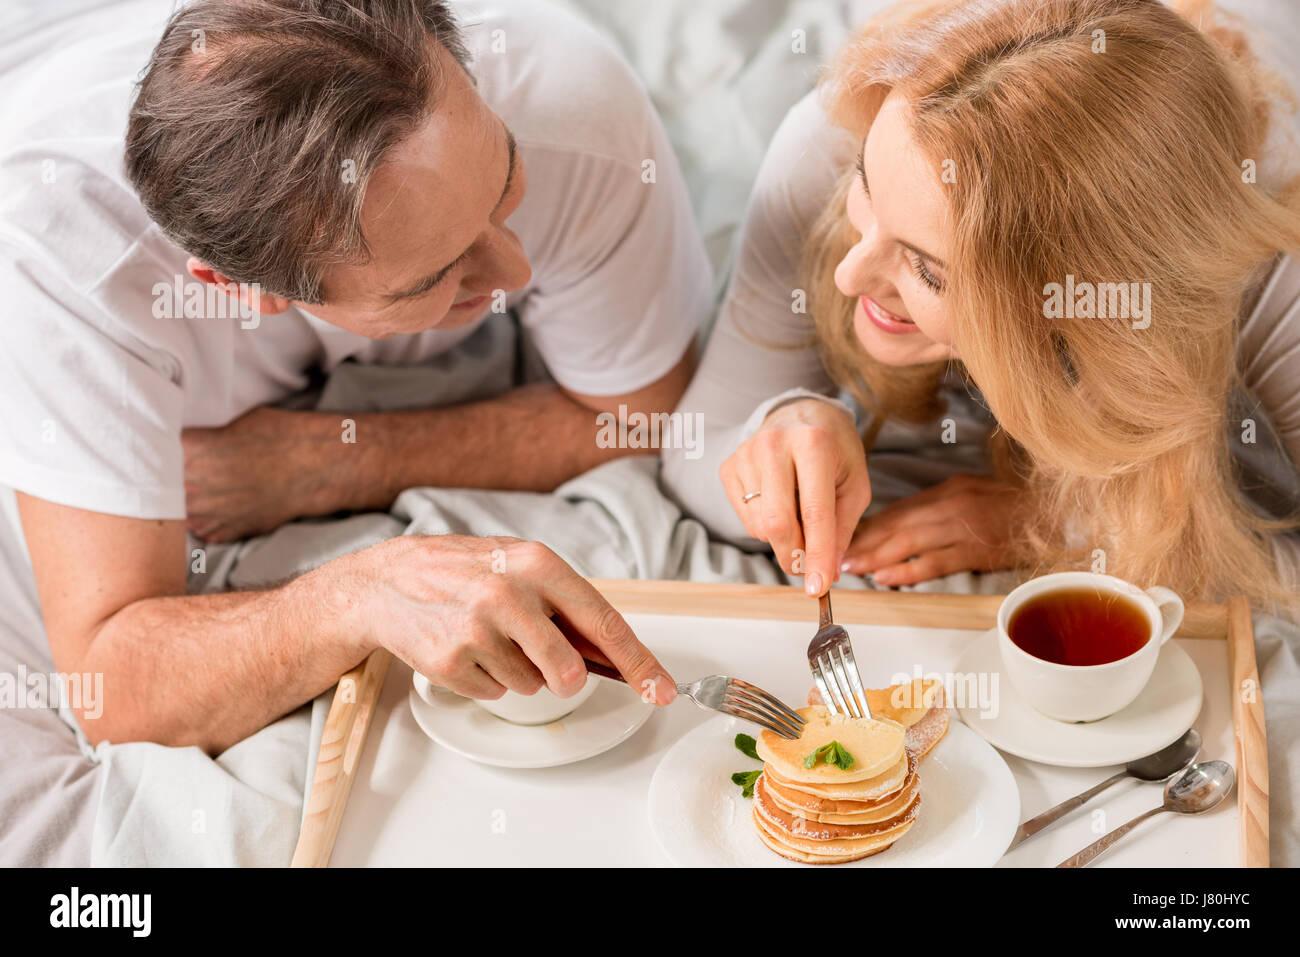 Felice Coppia di mezza età avente insieme per la prima colazione a letto Immagini Stock